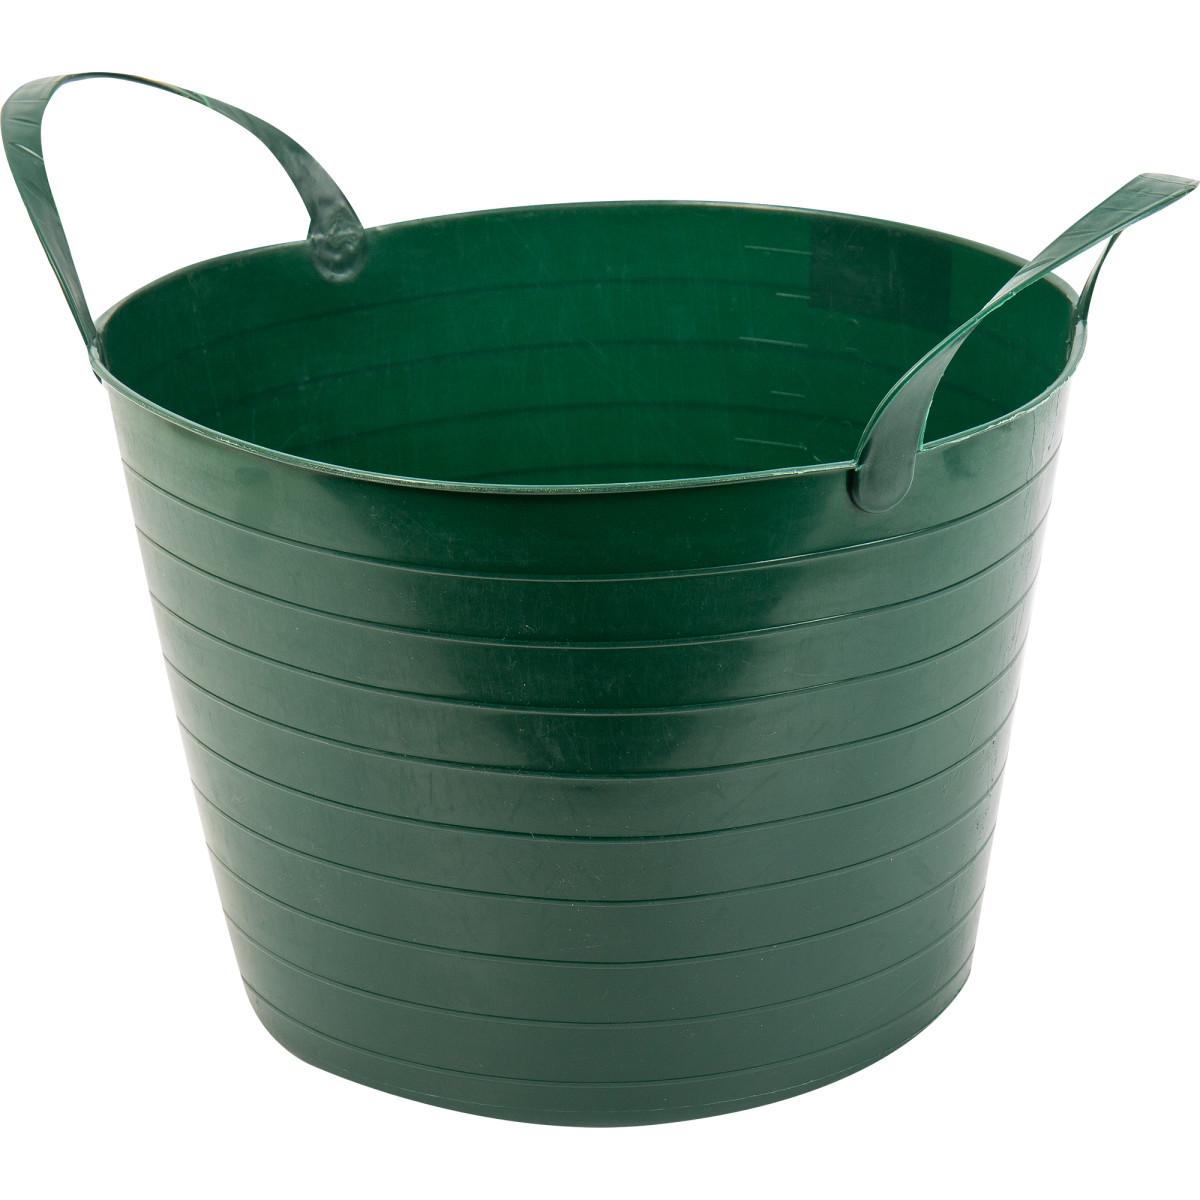 Ведро с ручками гибкое зеленое 14 л мягкий пластик